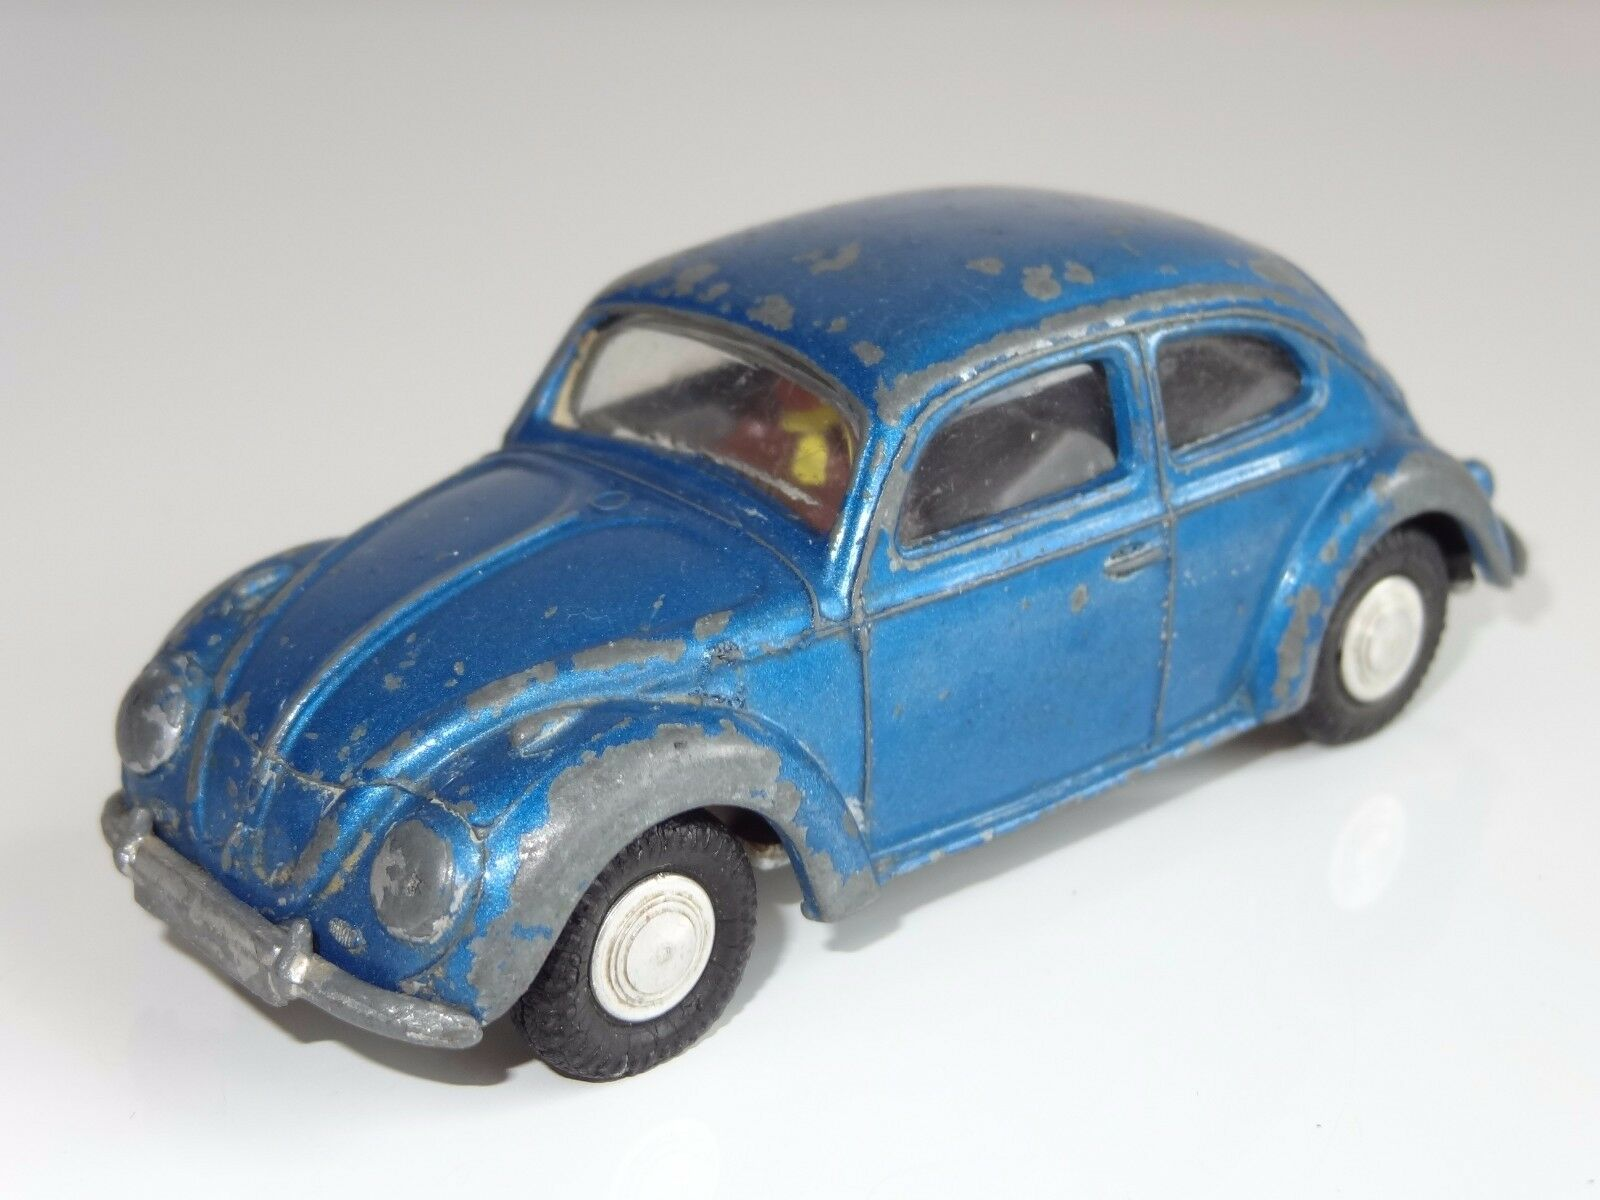 V  TRIANG Spot On VW Volkswagen Beetle 1200 - 307